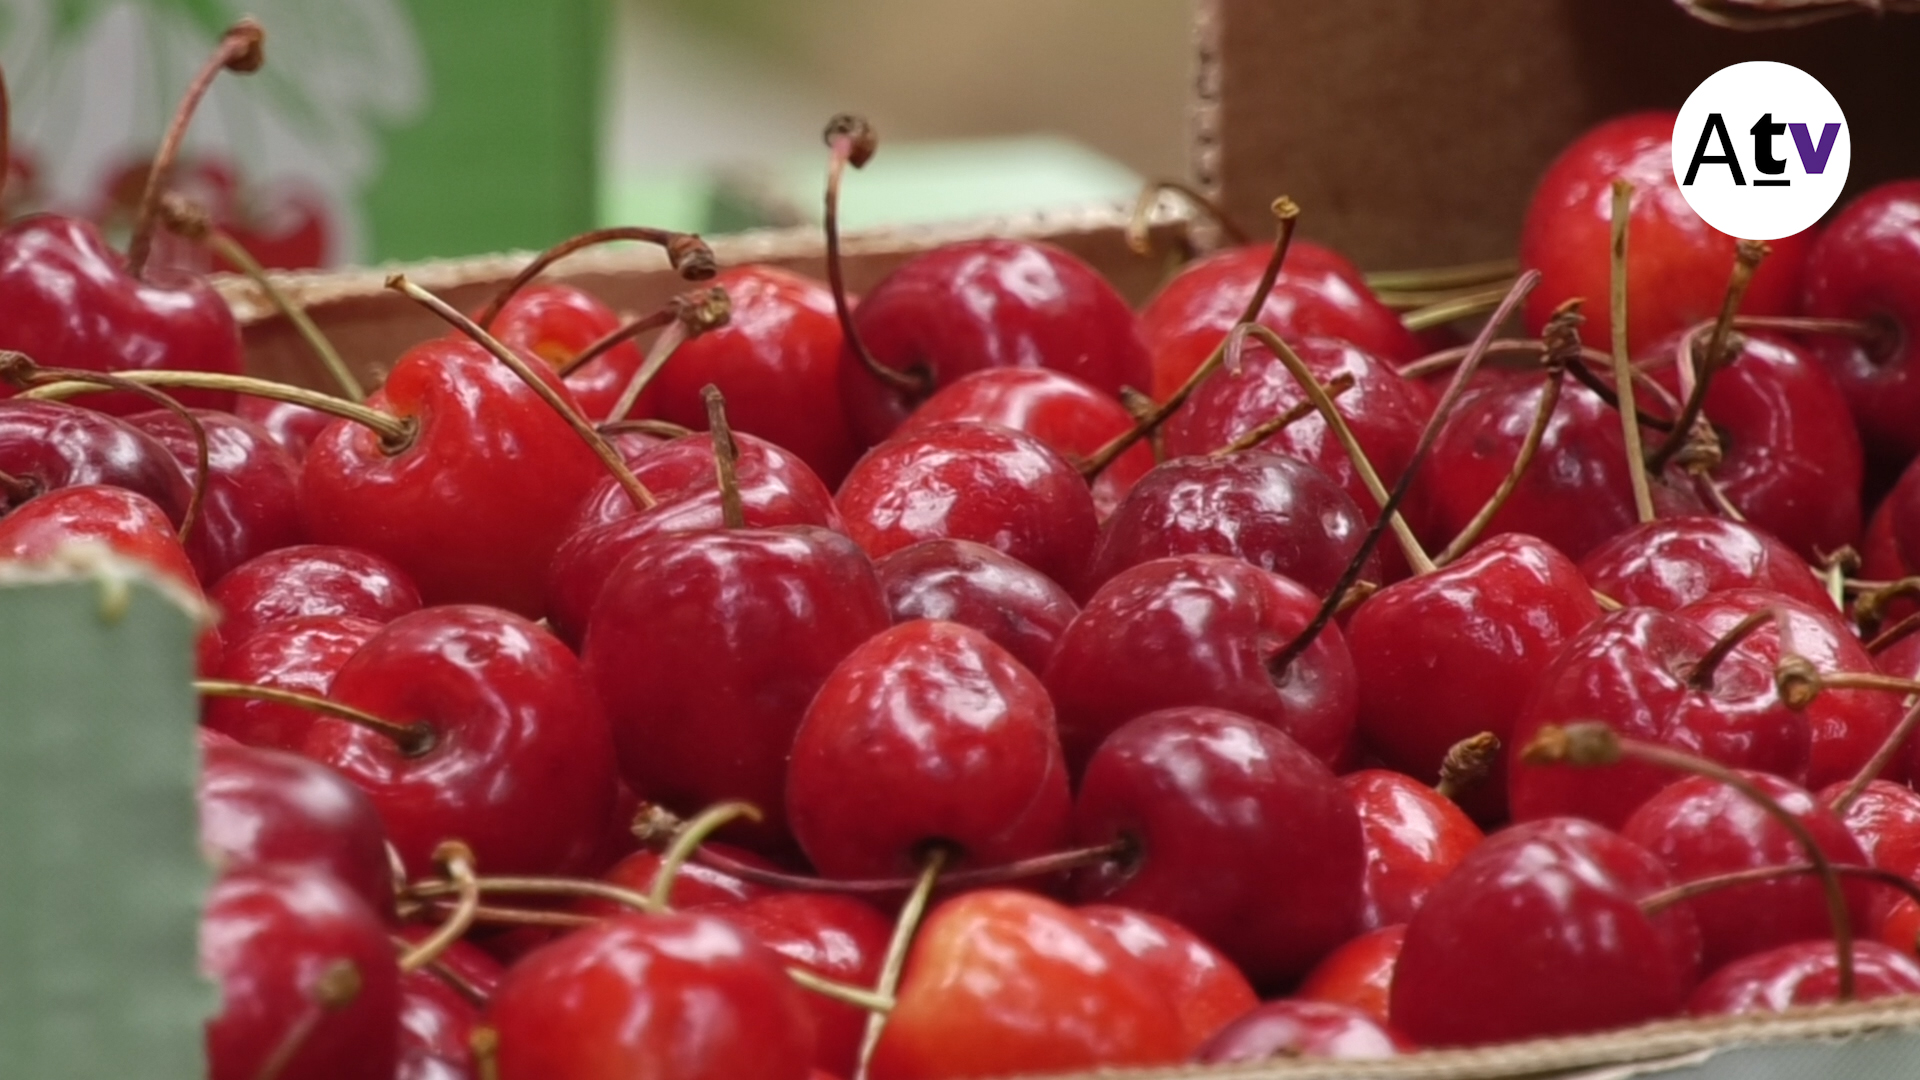 NOU REPORTATGE: Torna la Fira de la Cirera, però amb menys productors